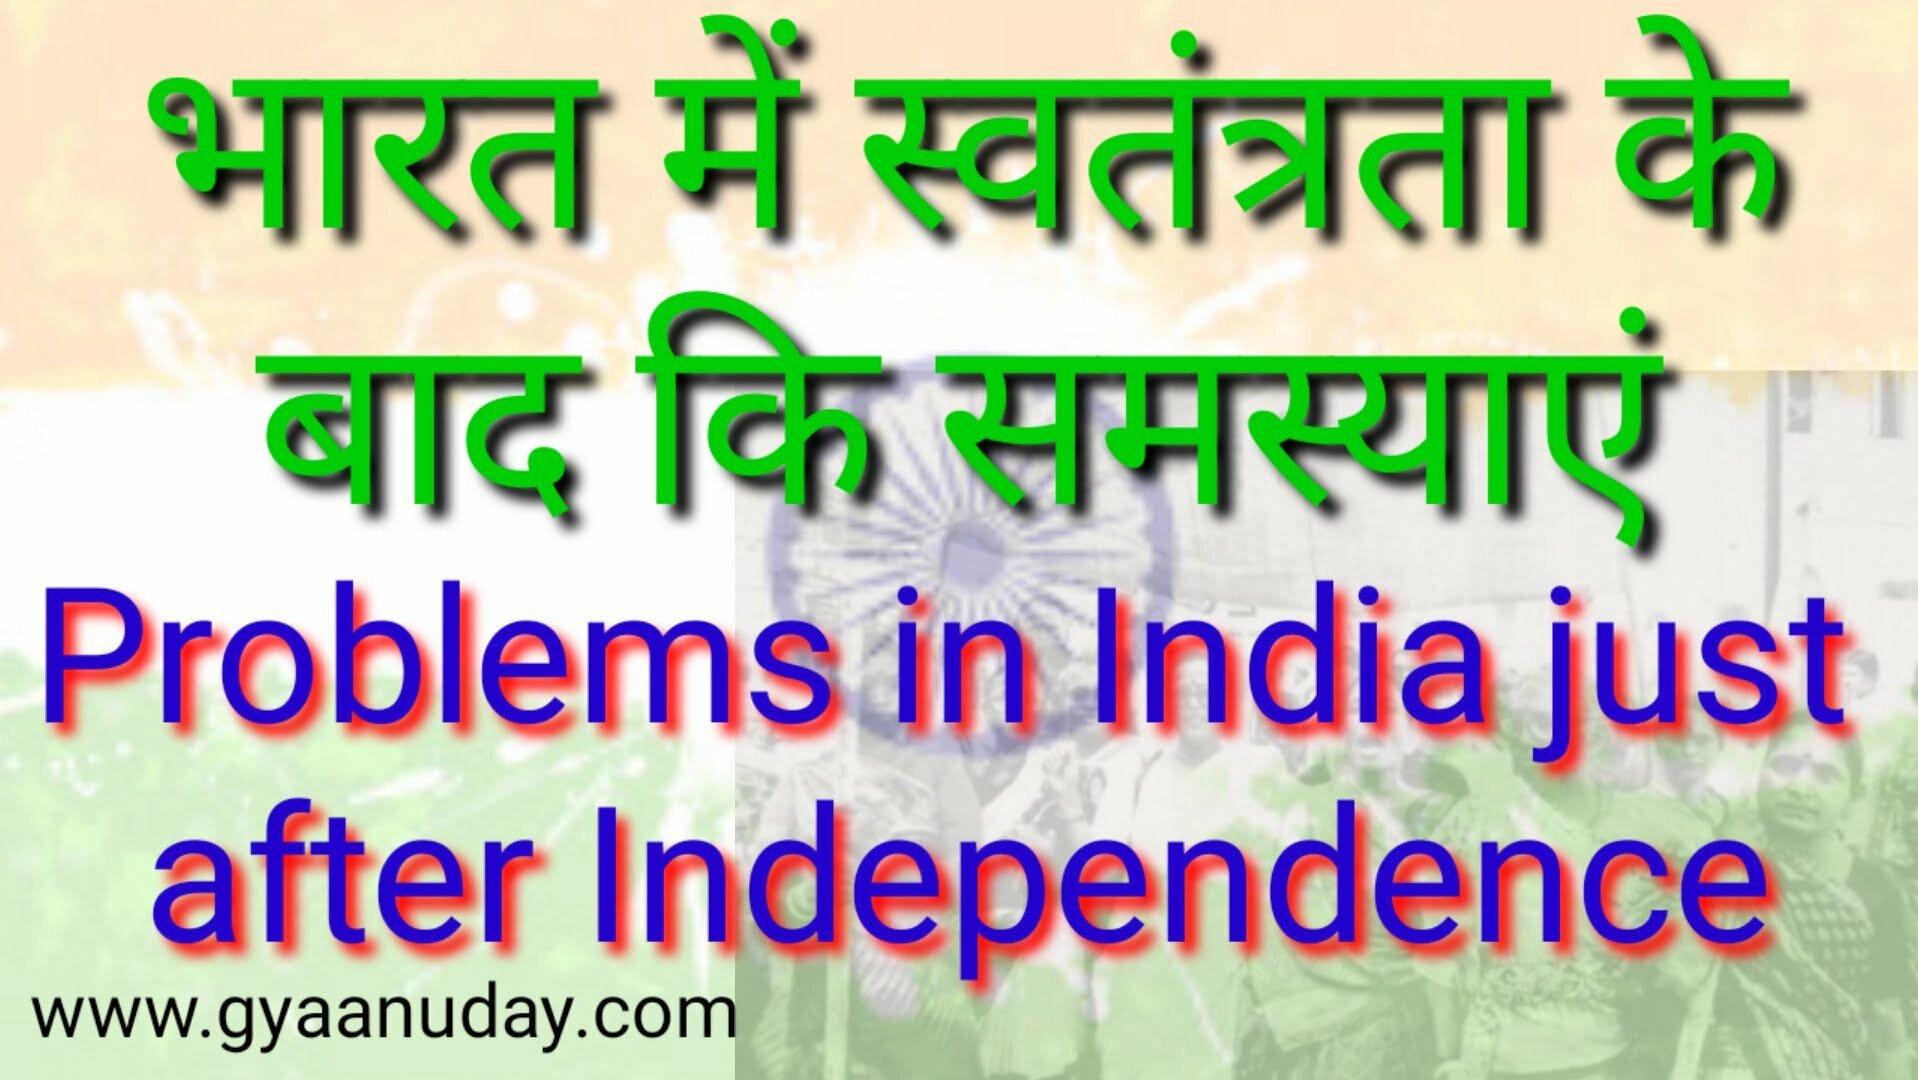 भारत में स्वतंत्रता के बाद की समस्याएं